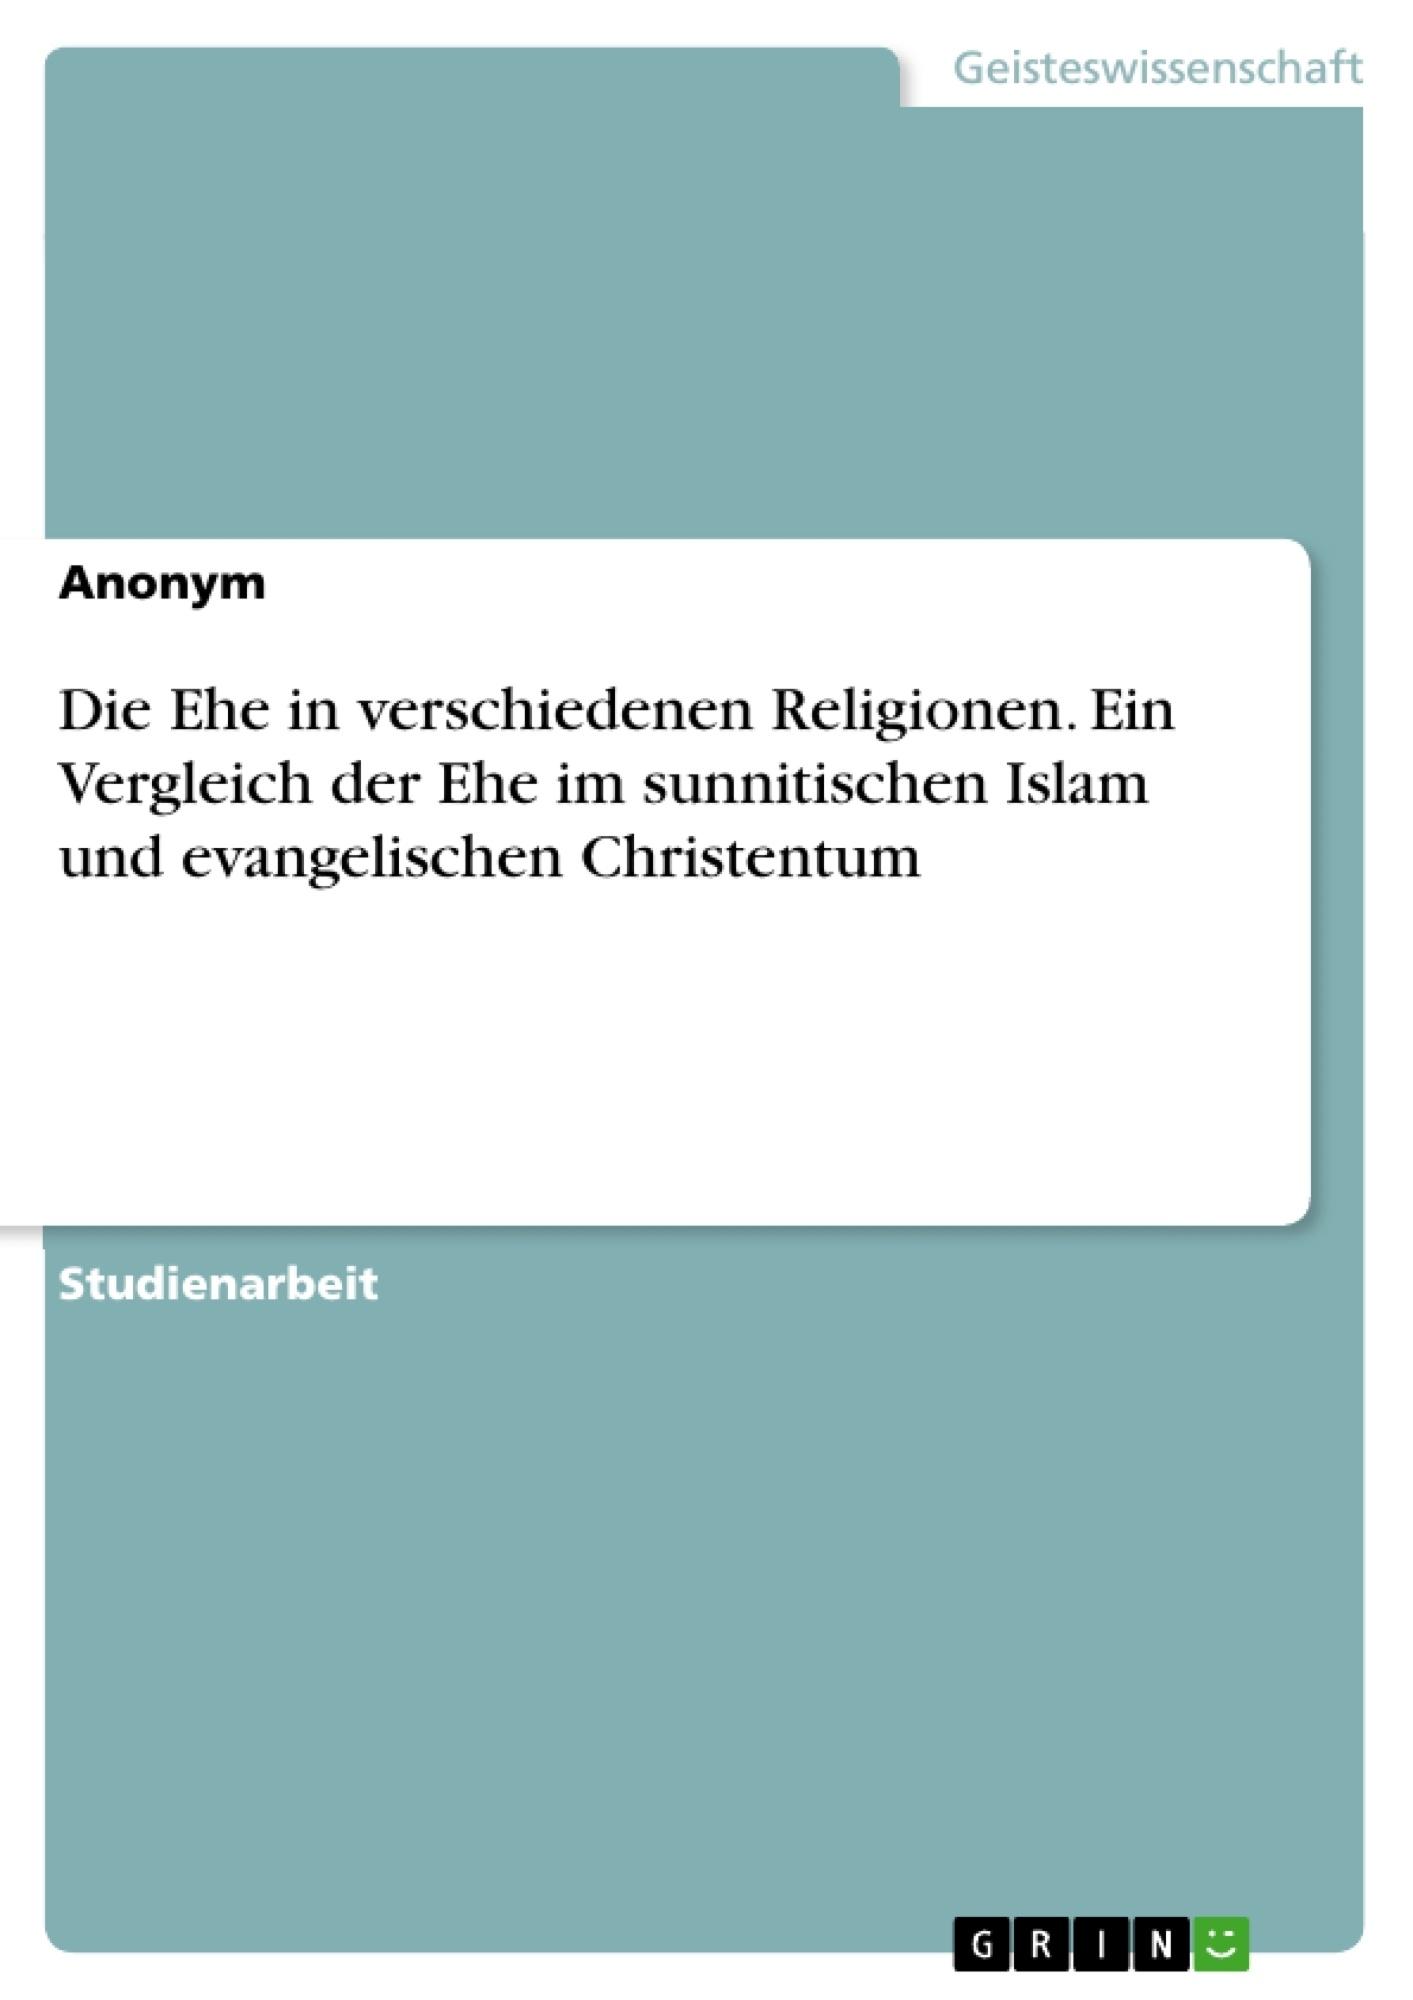 Titel: Die Ehe in verschiedenen Religionen. Ein Vergleich der Ehe im sunnitischen Islam und evangelischen Christentum